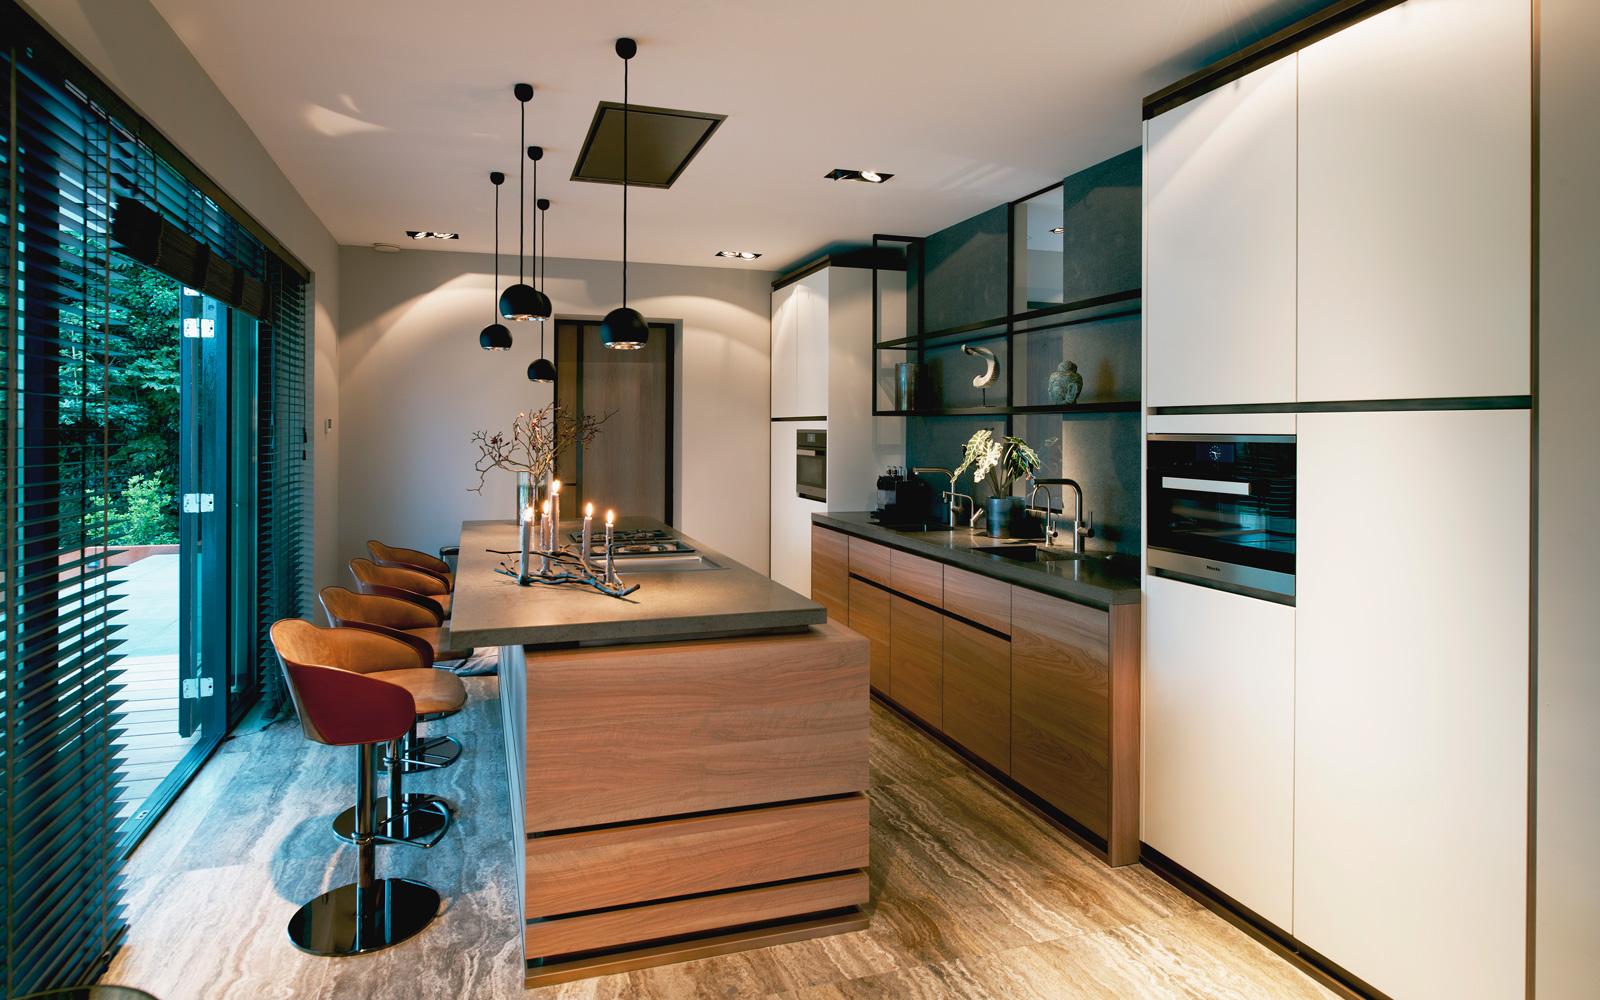 De keuken heeft een robuuste en tegelijk luxueuze uitstraling dankzij de vormgeving en de combinatie van basaltsteen en olijfhout